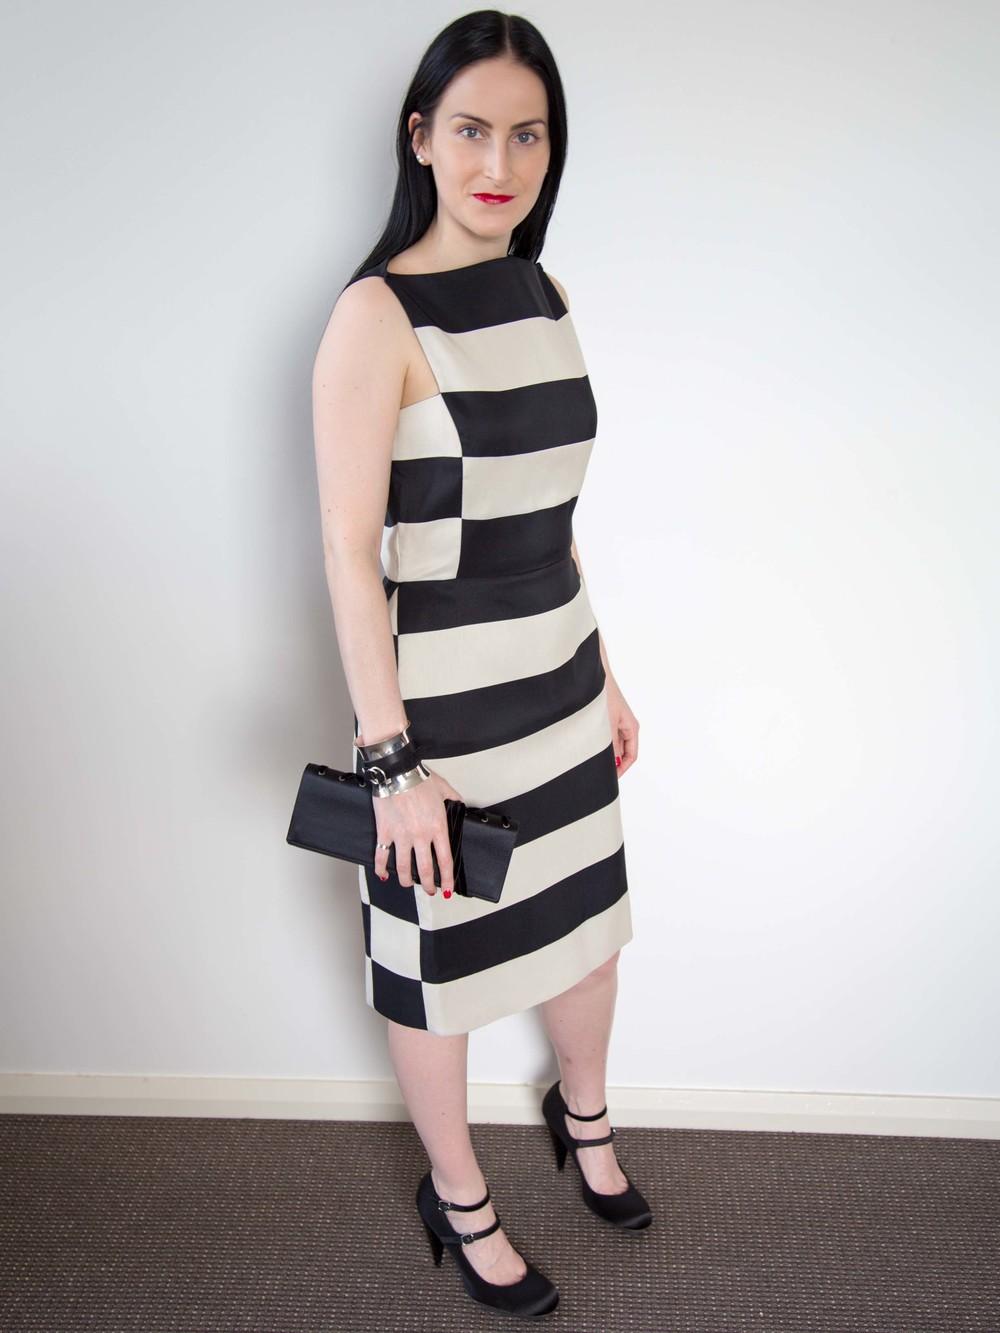 Lanvin Striped Dress, Georg Jensen Cuff, Yves Saint Laurent Vintage Clutch, Lanvin Silk Satin Heels